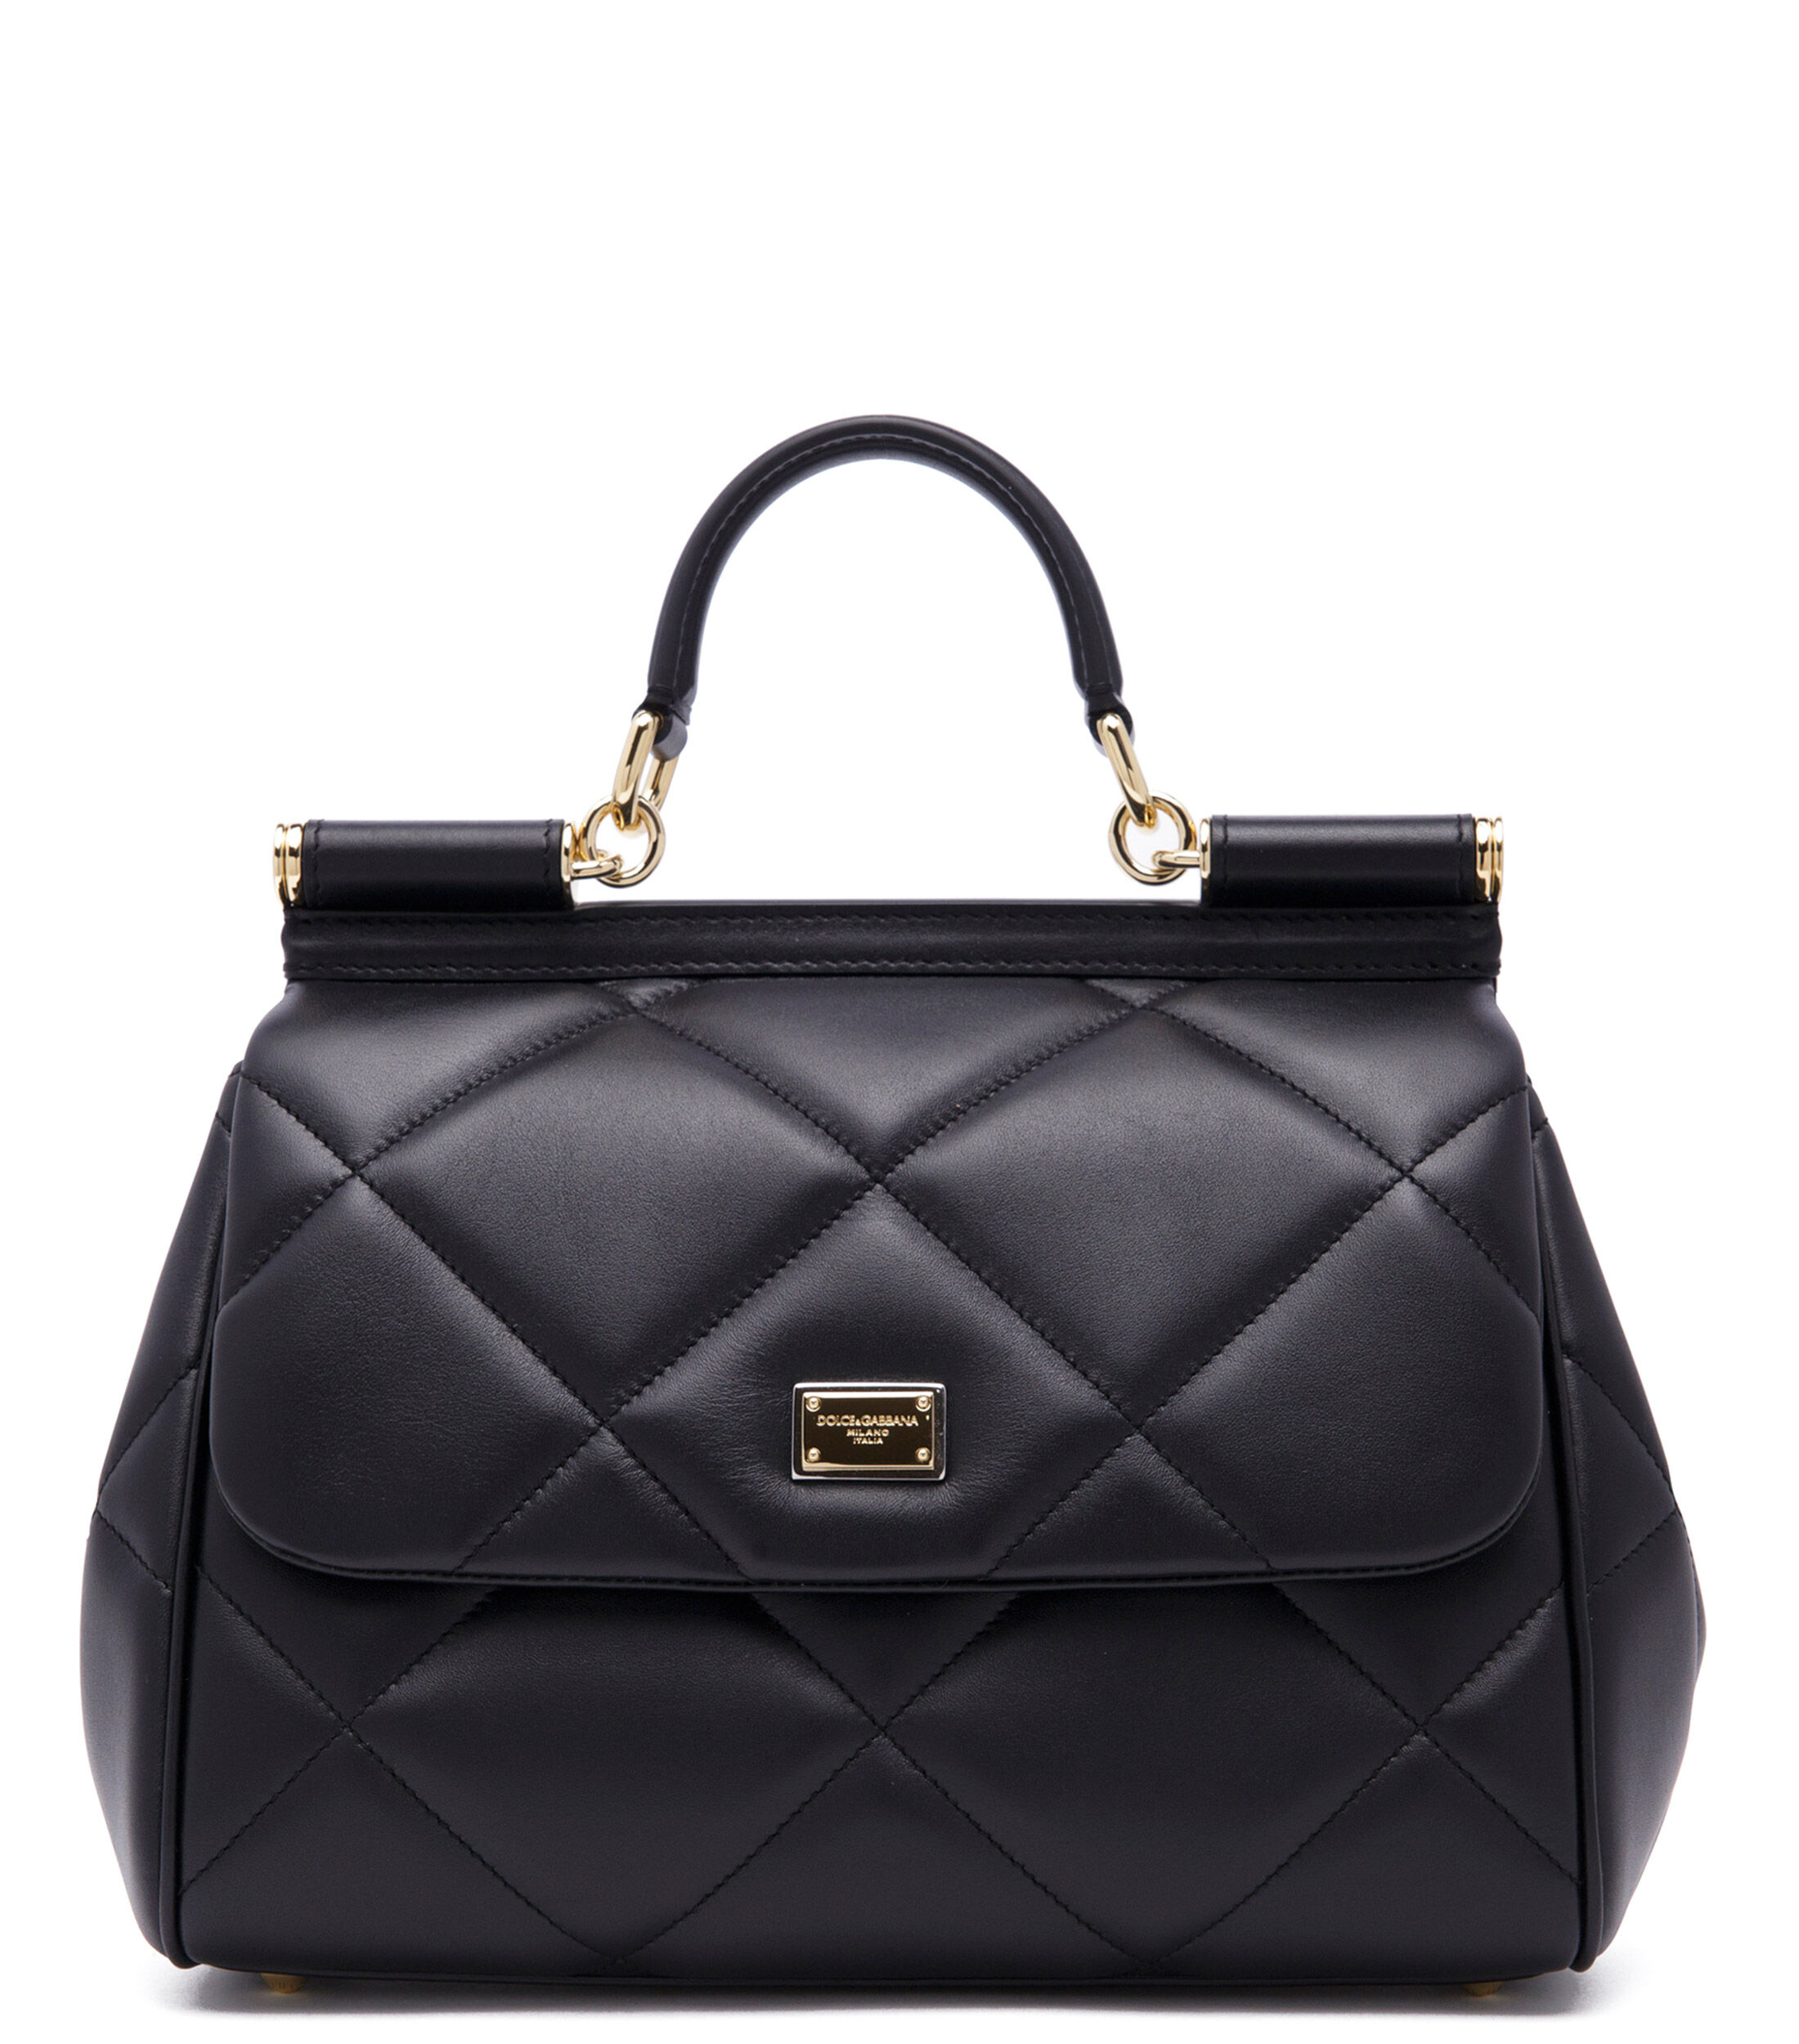 Dolce&Gabbana se une a El Palacio de Hierro como parte de su e-commerce